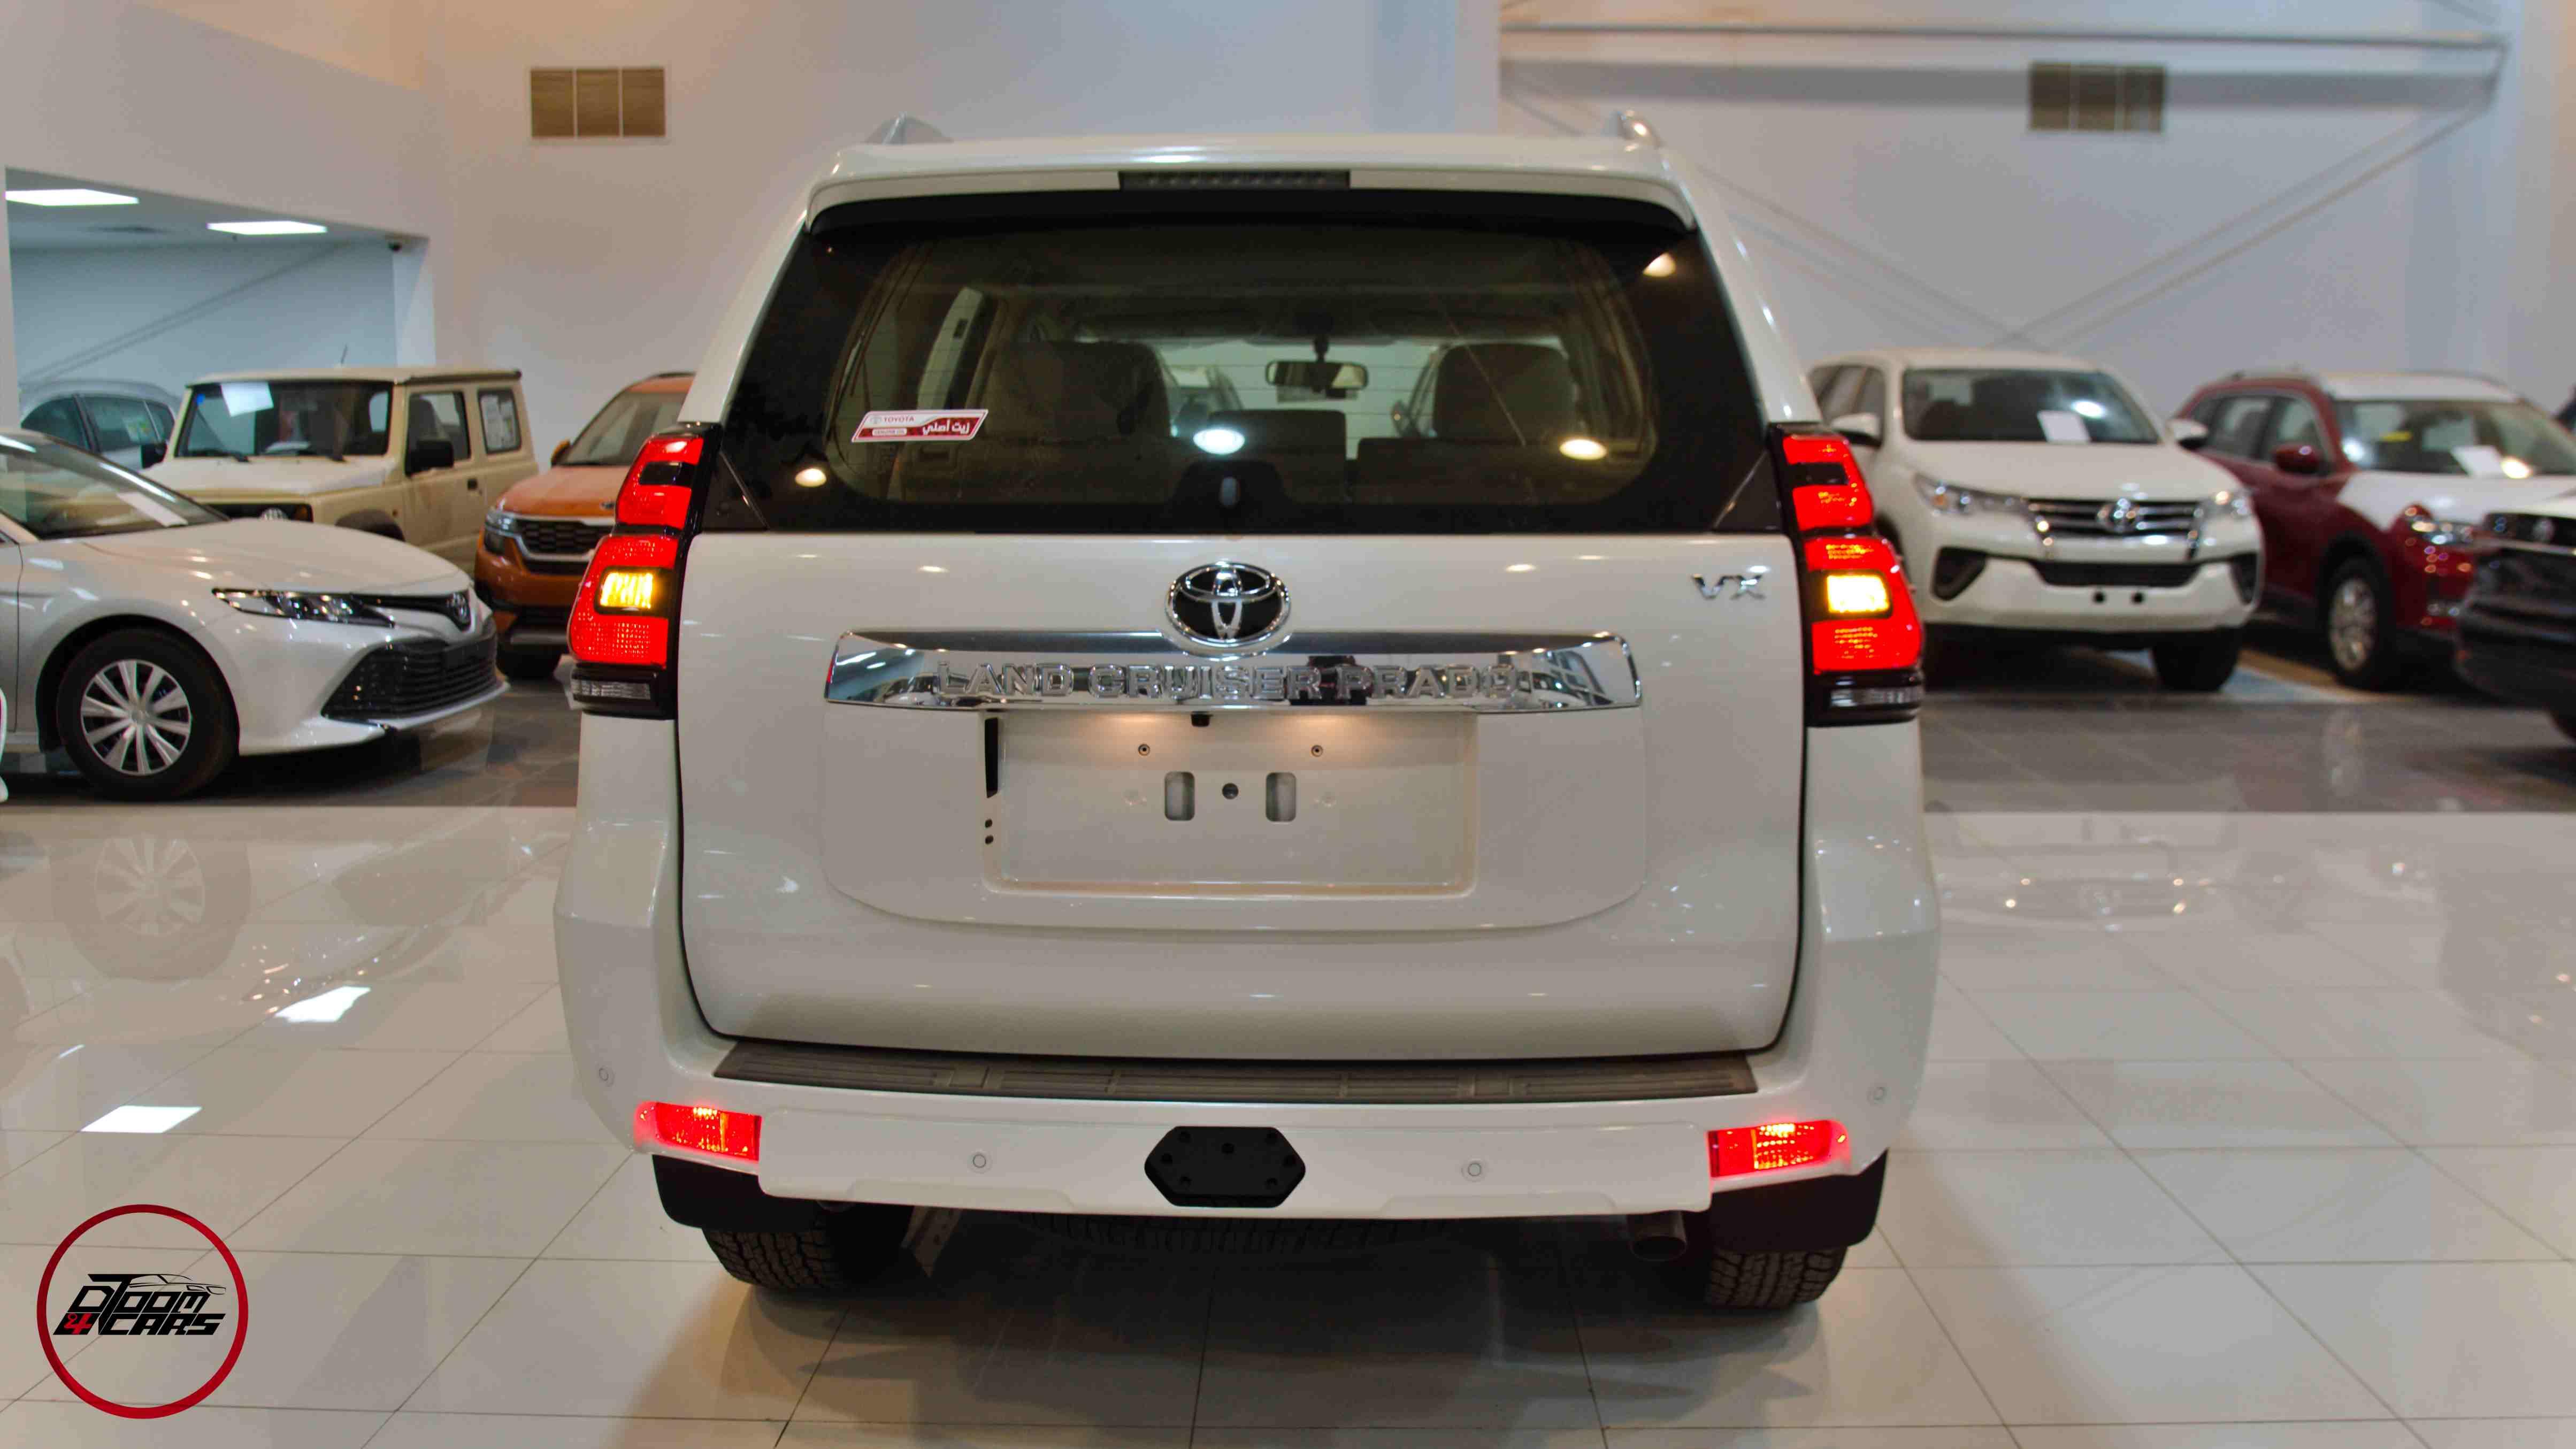 تويوتا برادو2021 VX1 بنزين  سعودي  للبيع في الرياض - السعودية - صورة كبيرة - 4